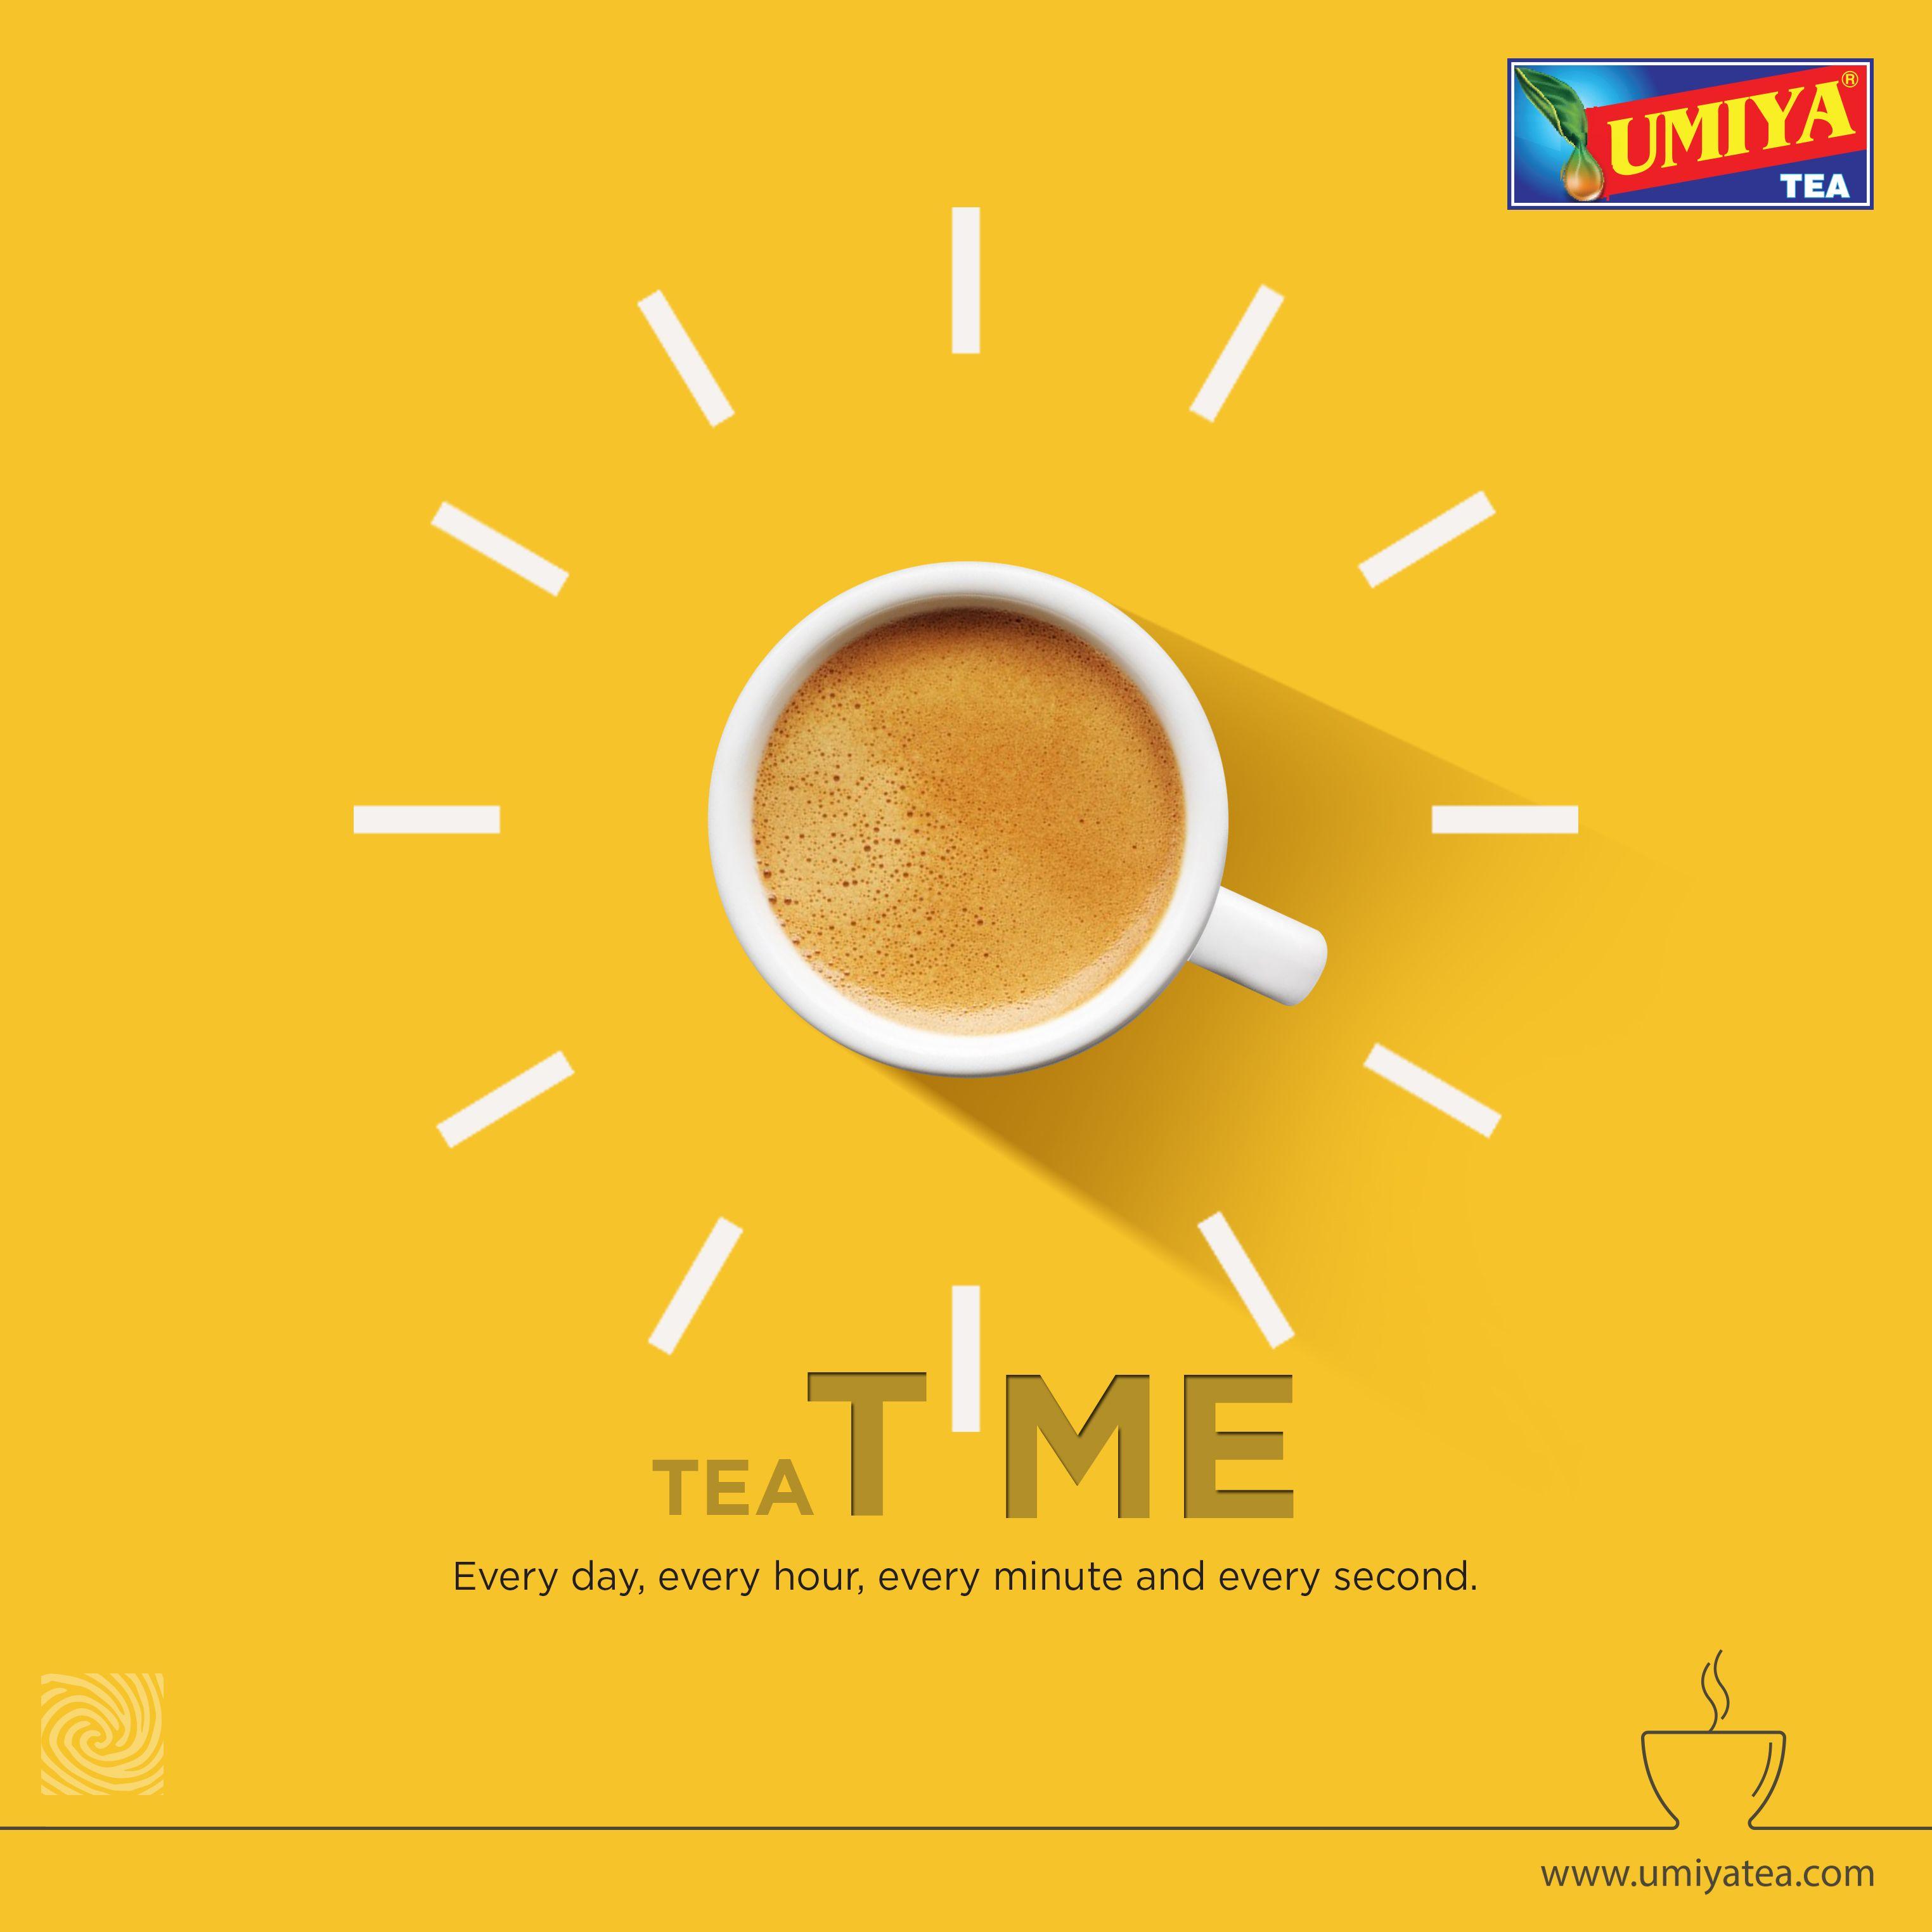 Tea Time Every day, every hour, every minute and every second #UmiyaTea #Umiya #Tea #Rajkot #moodmaker #cupoftea #Idea #TeaTime